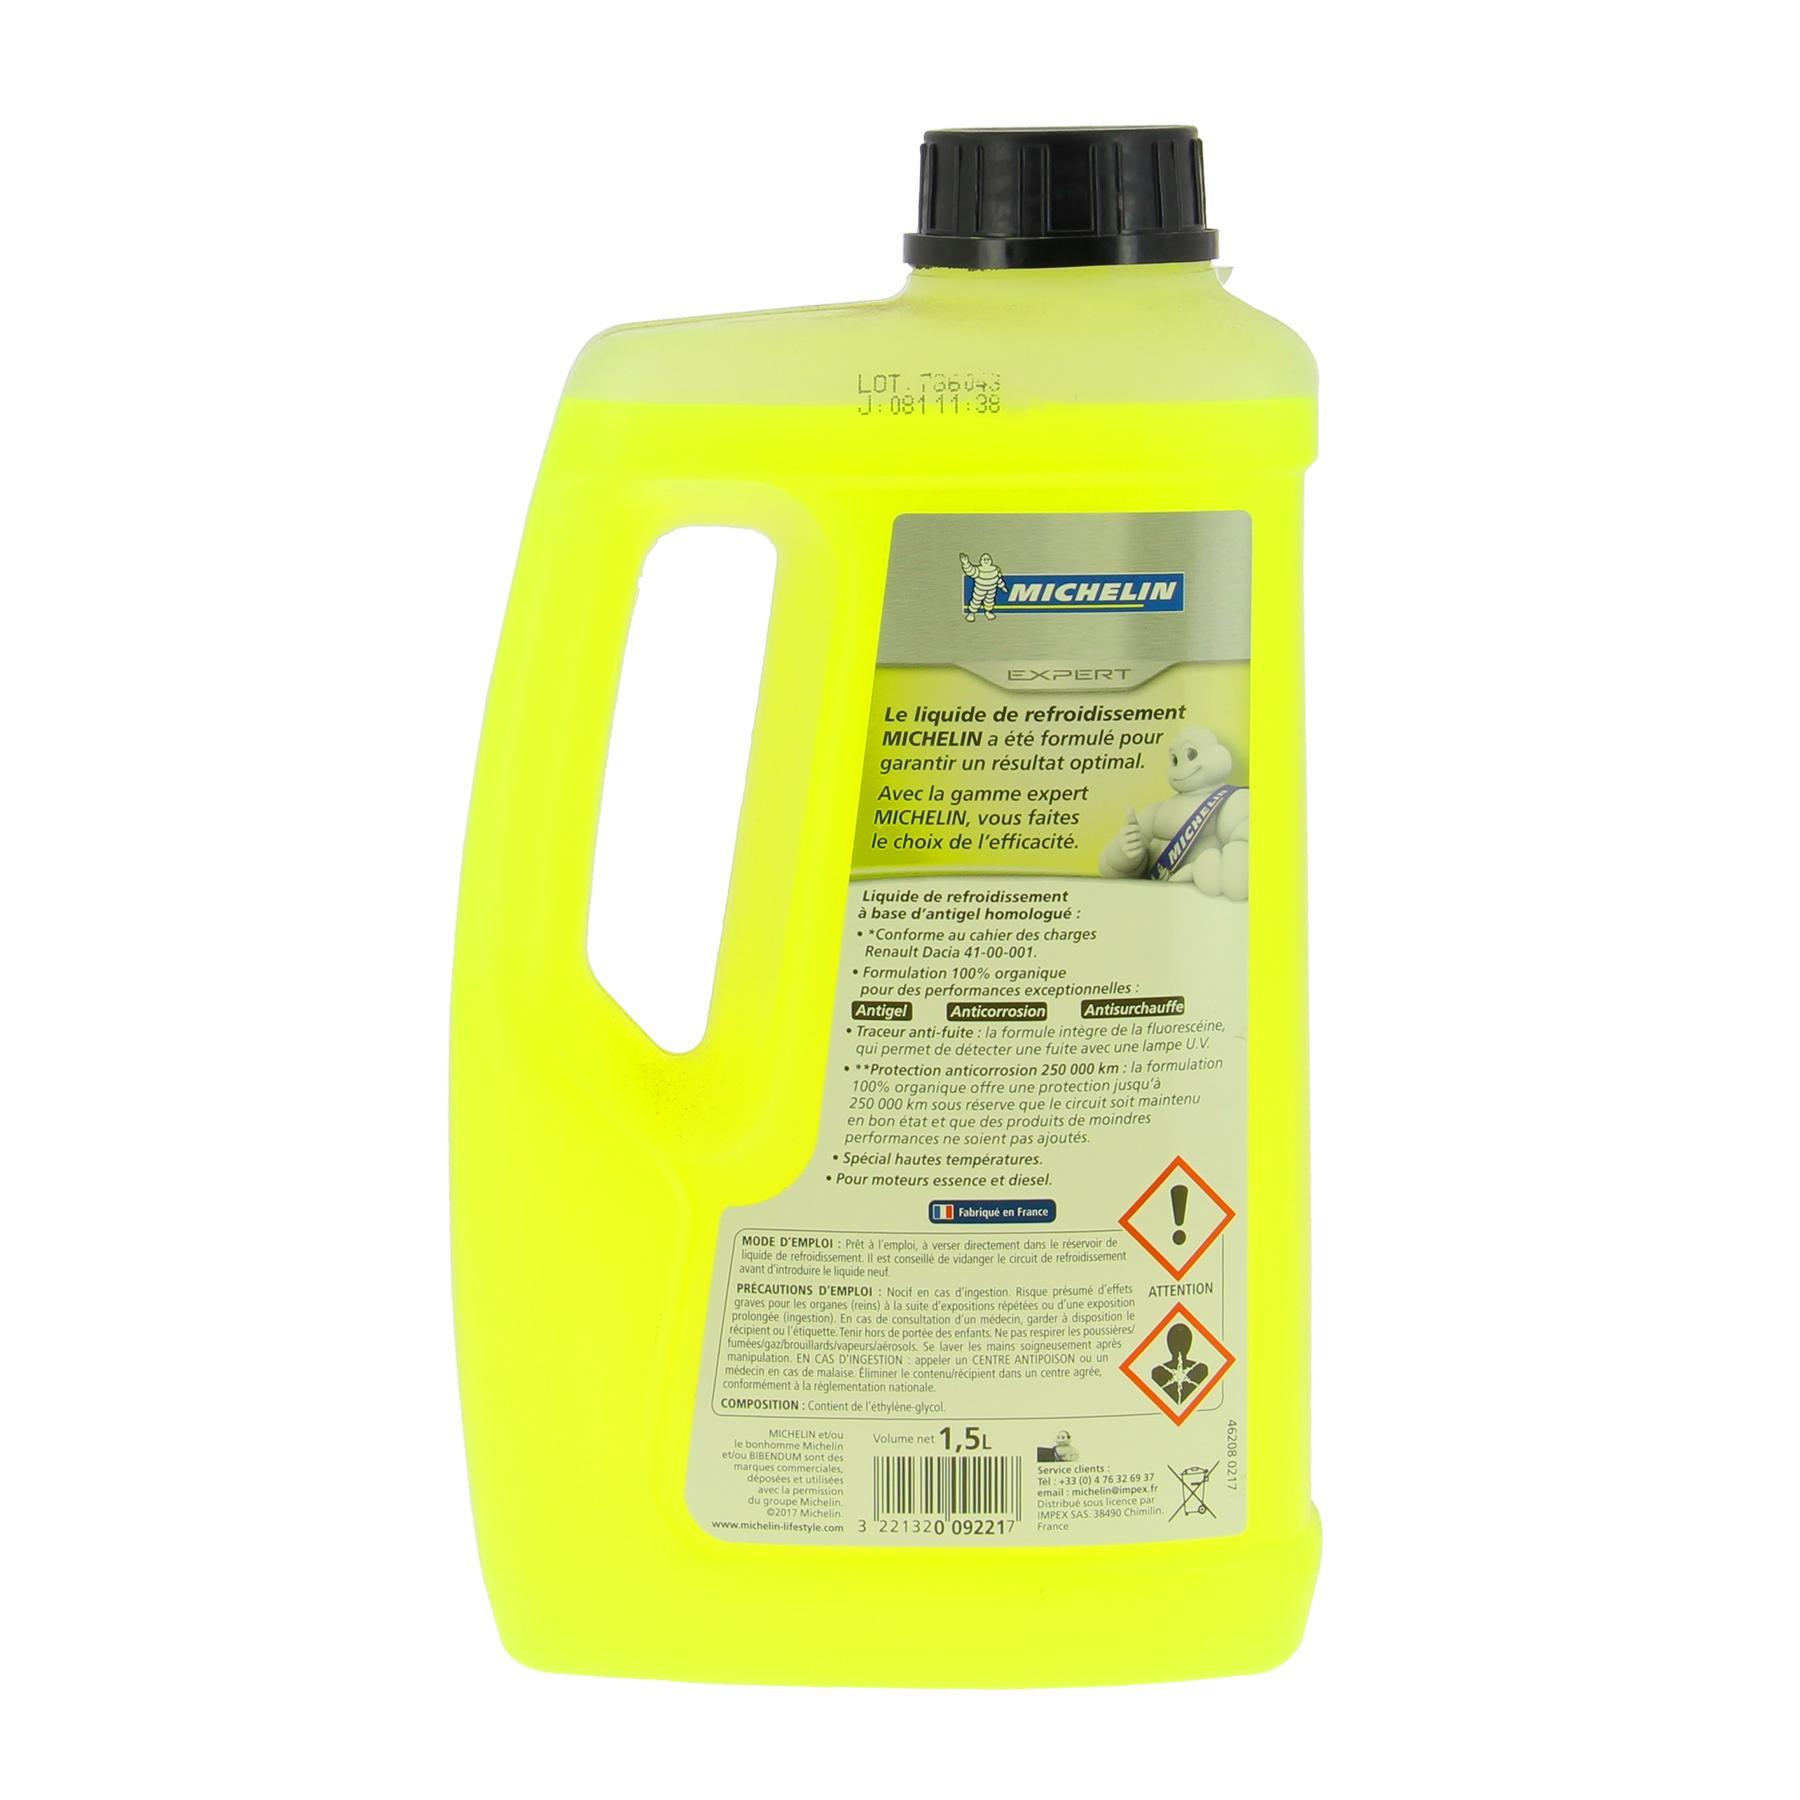 009221 Kühlerfrostschutzmittel Michelin - Markenprodukte billig